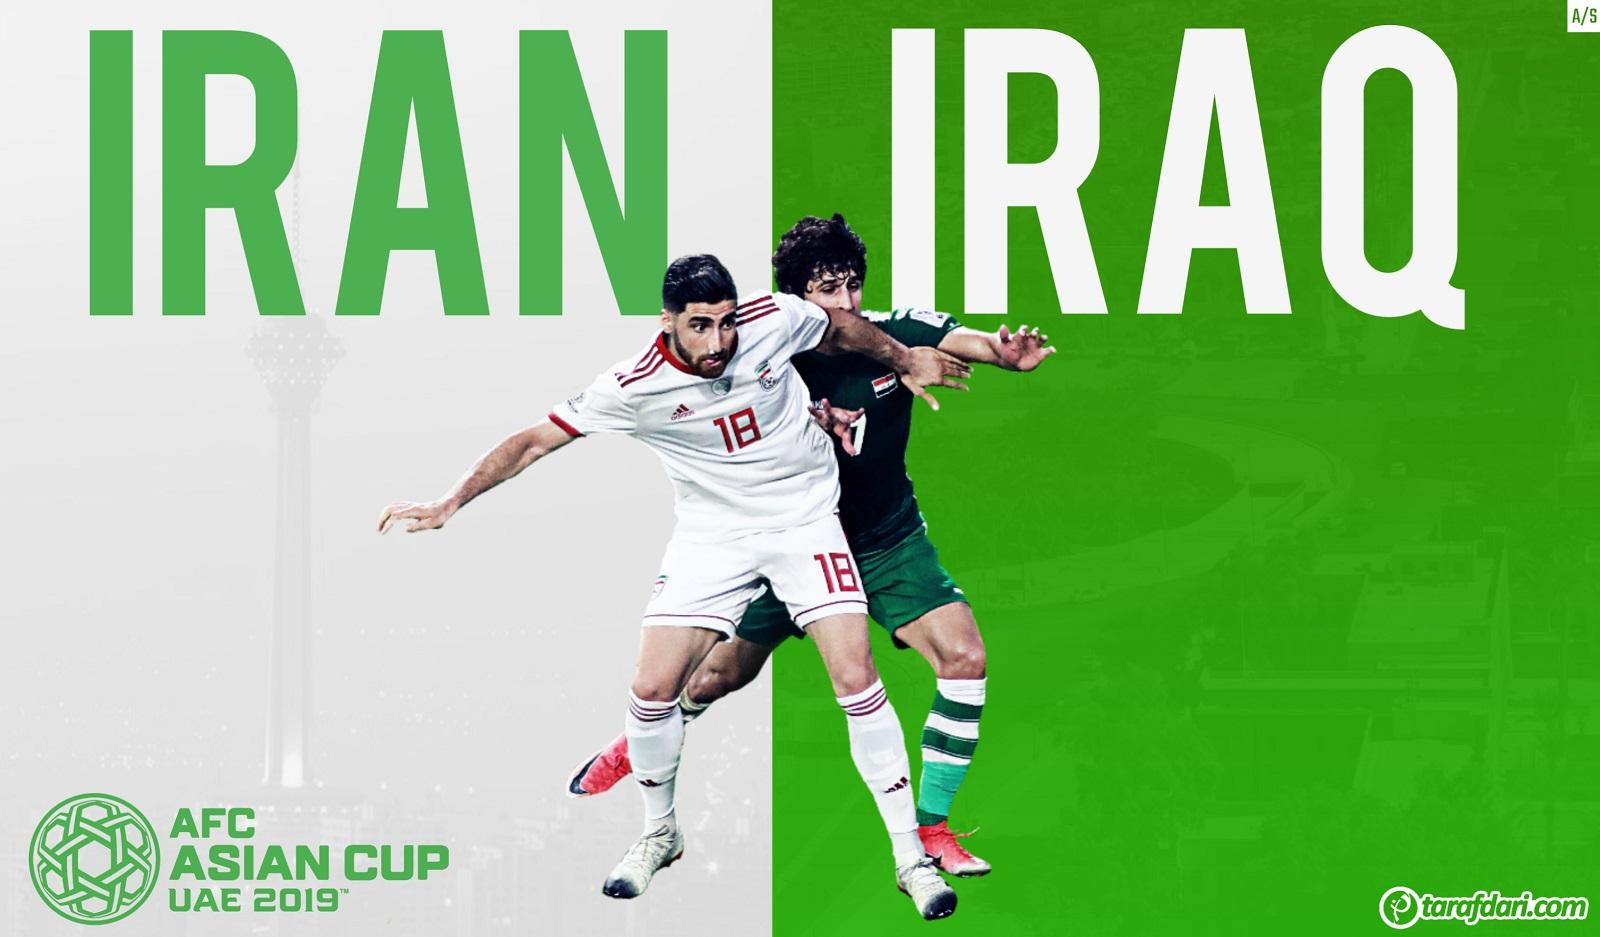 فوتبال ایران-جام ملت های آسیا-بازی ایران و عراق